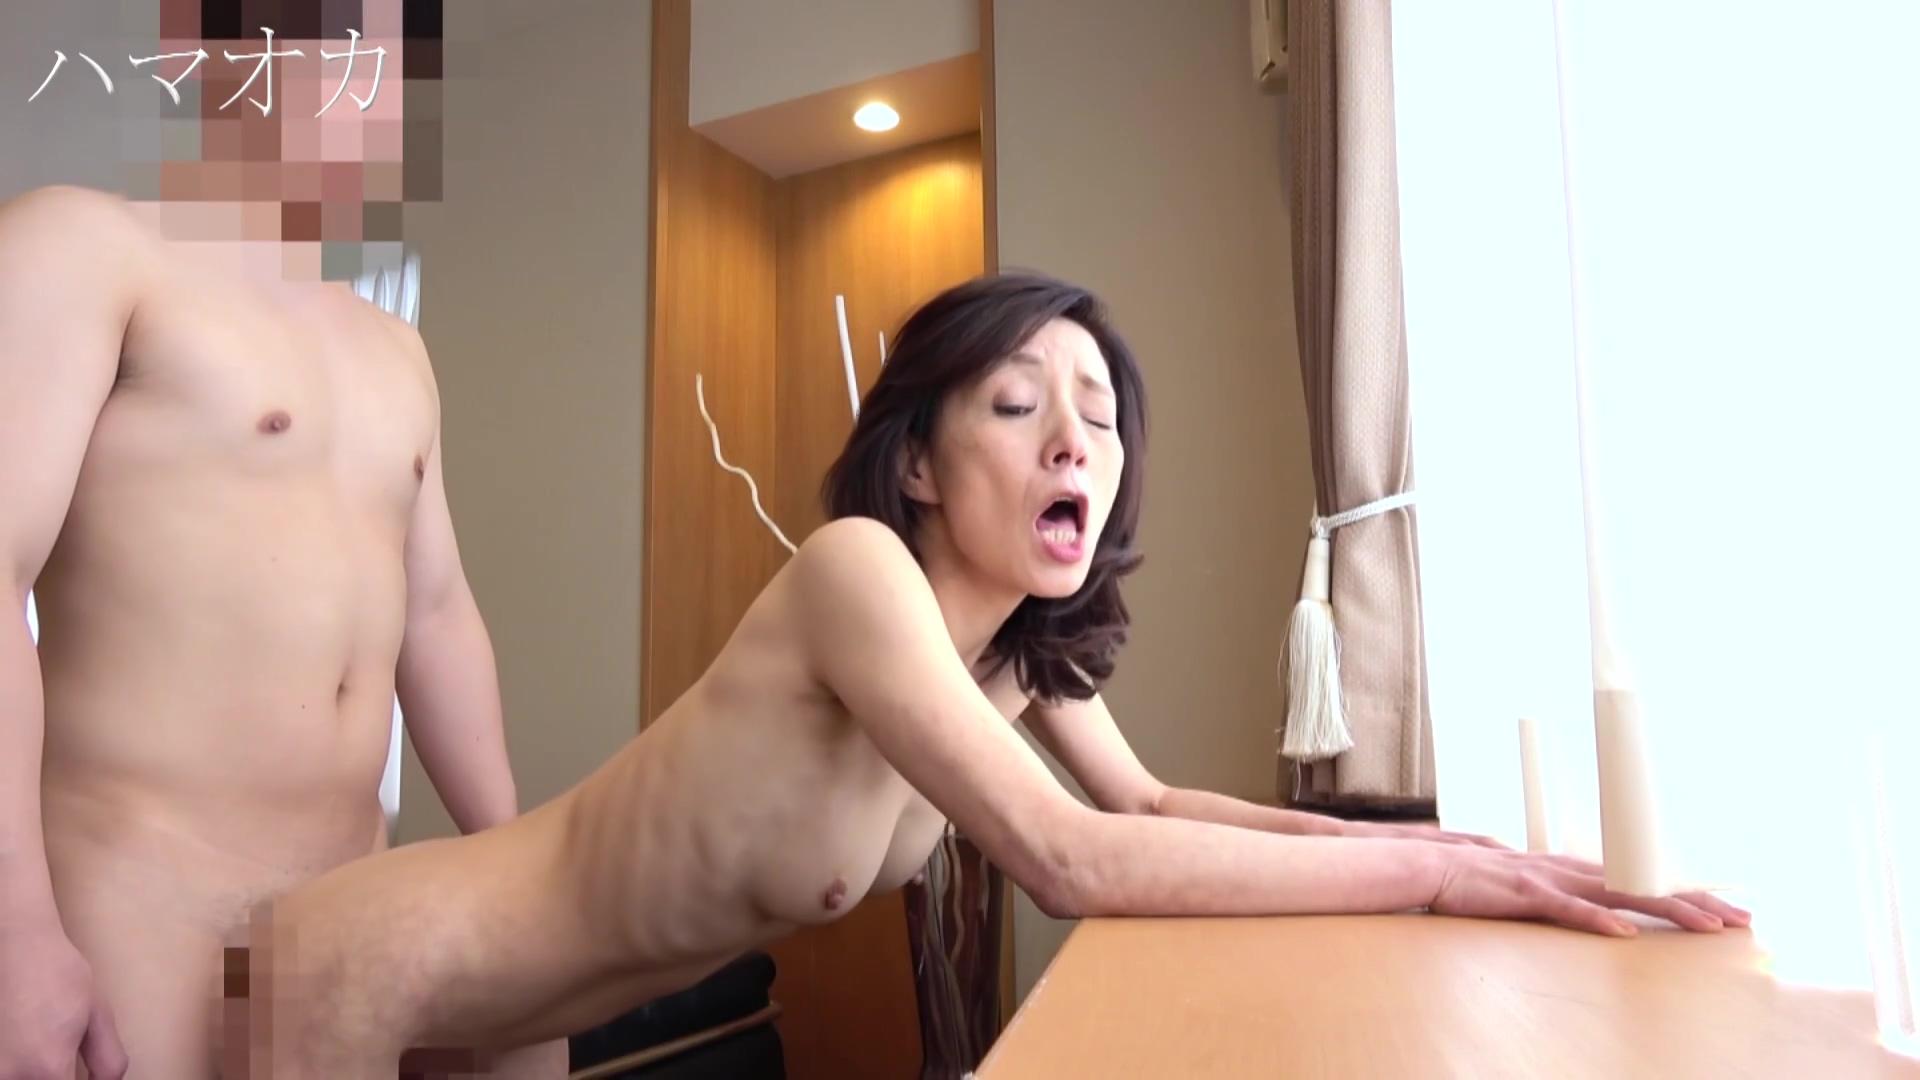 Amateur cam hidden masturbating video wife